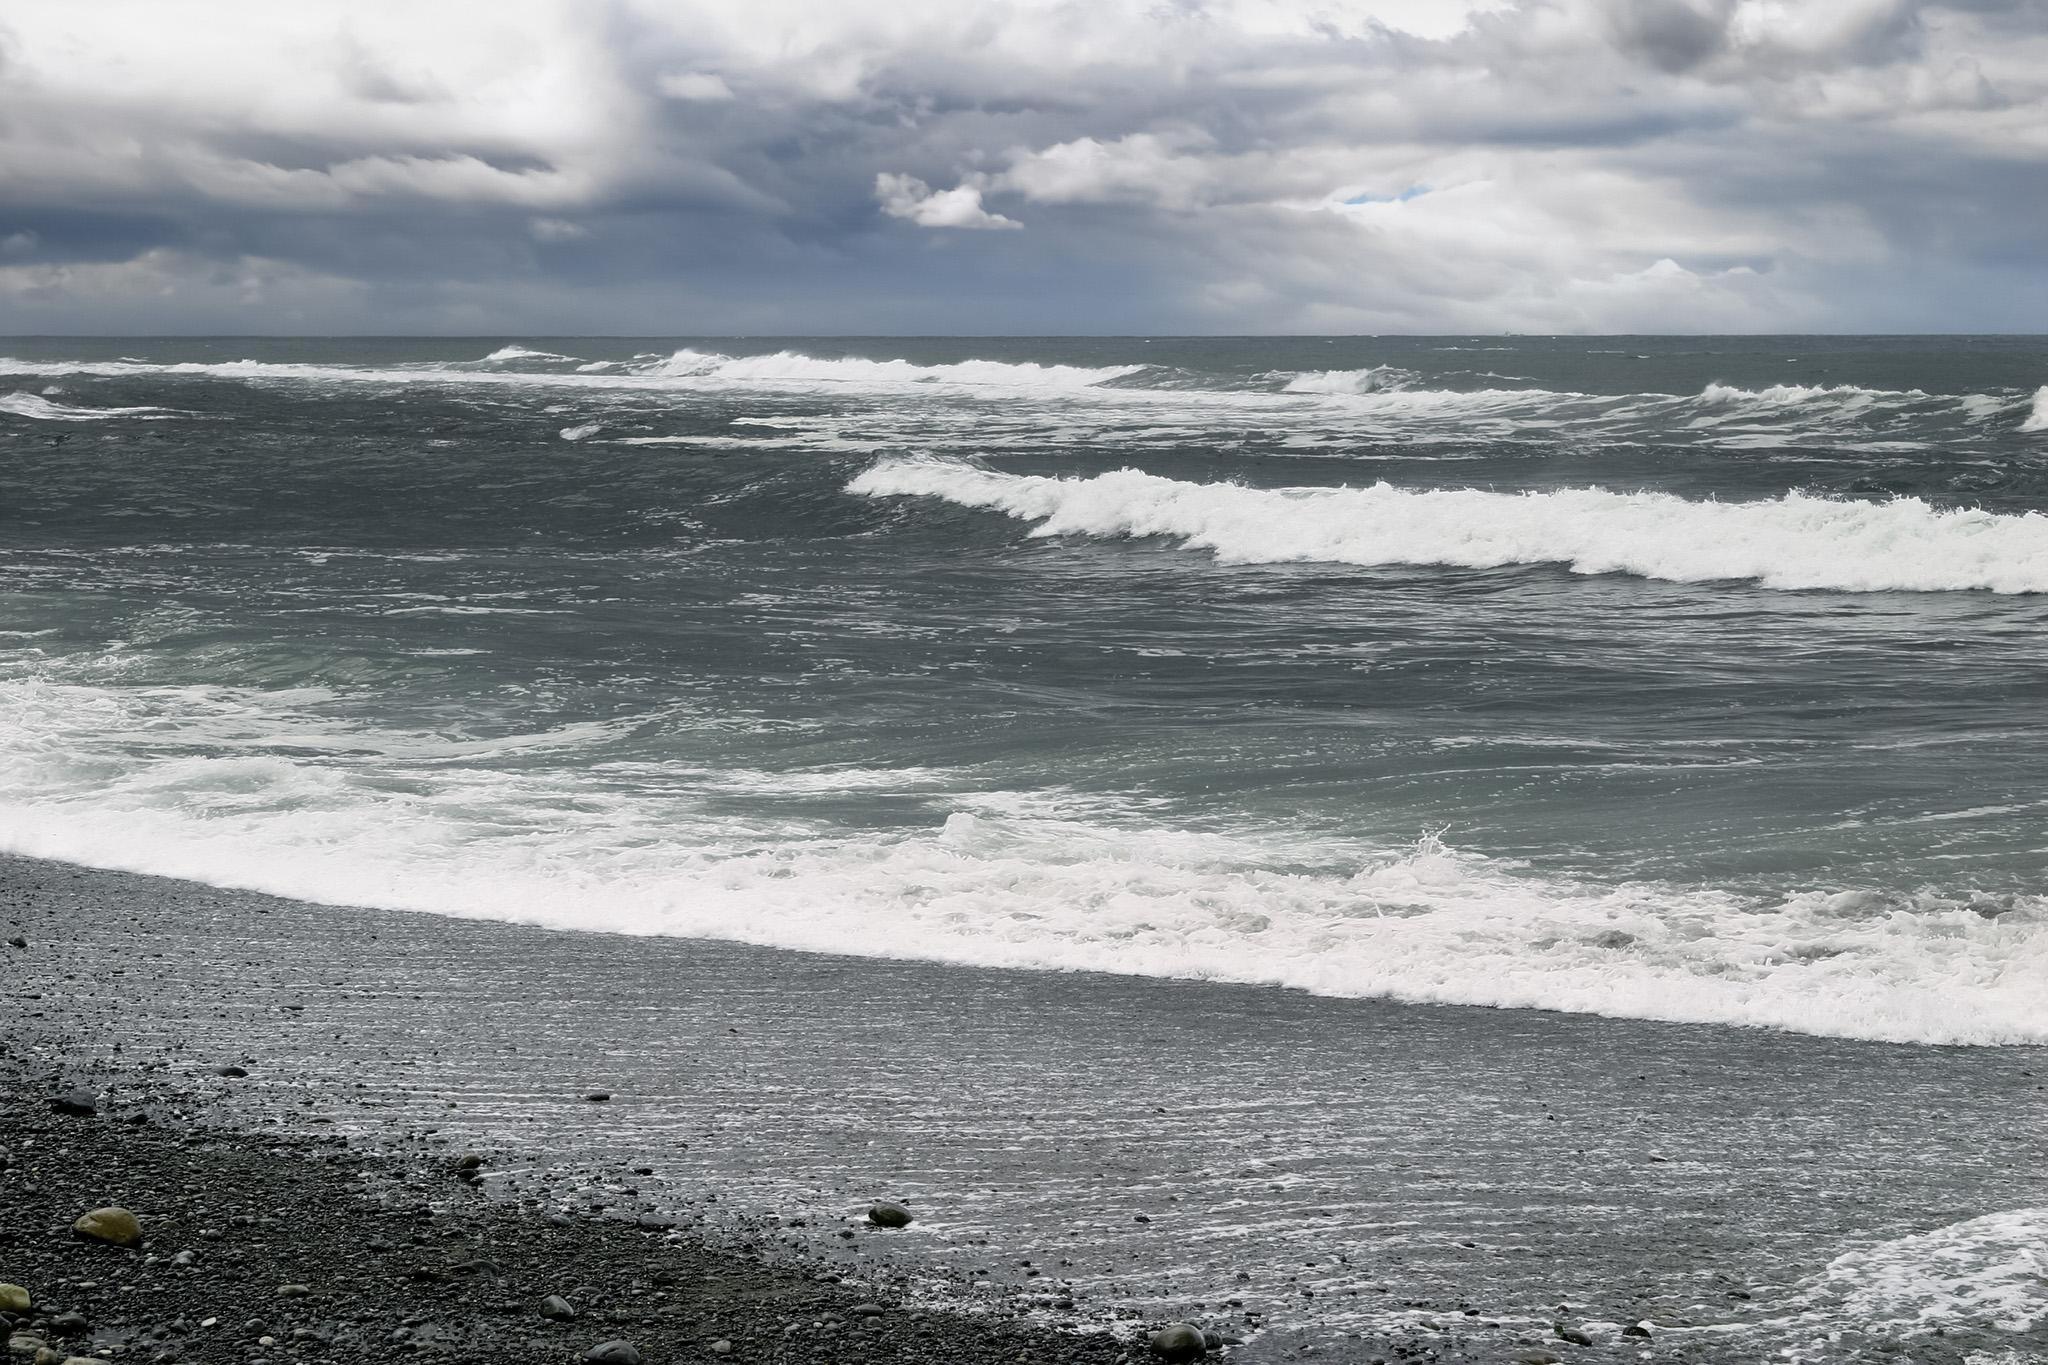 「風のある冬の荒れた海」